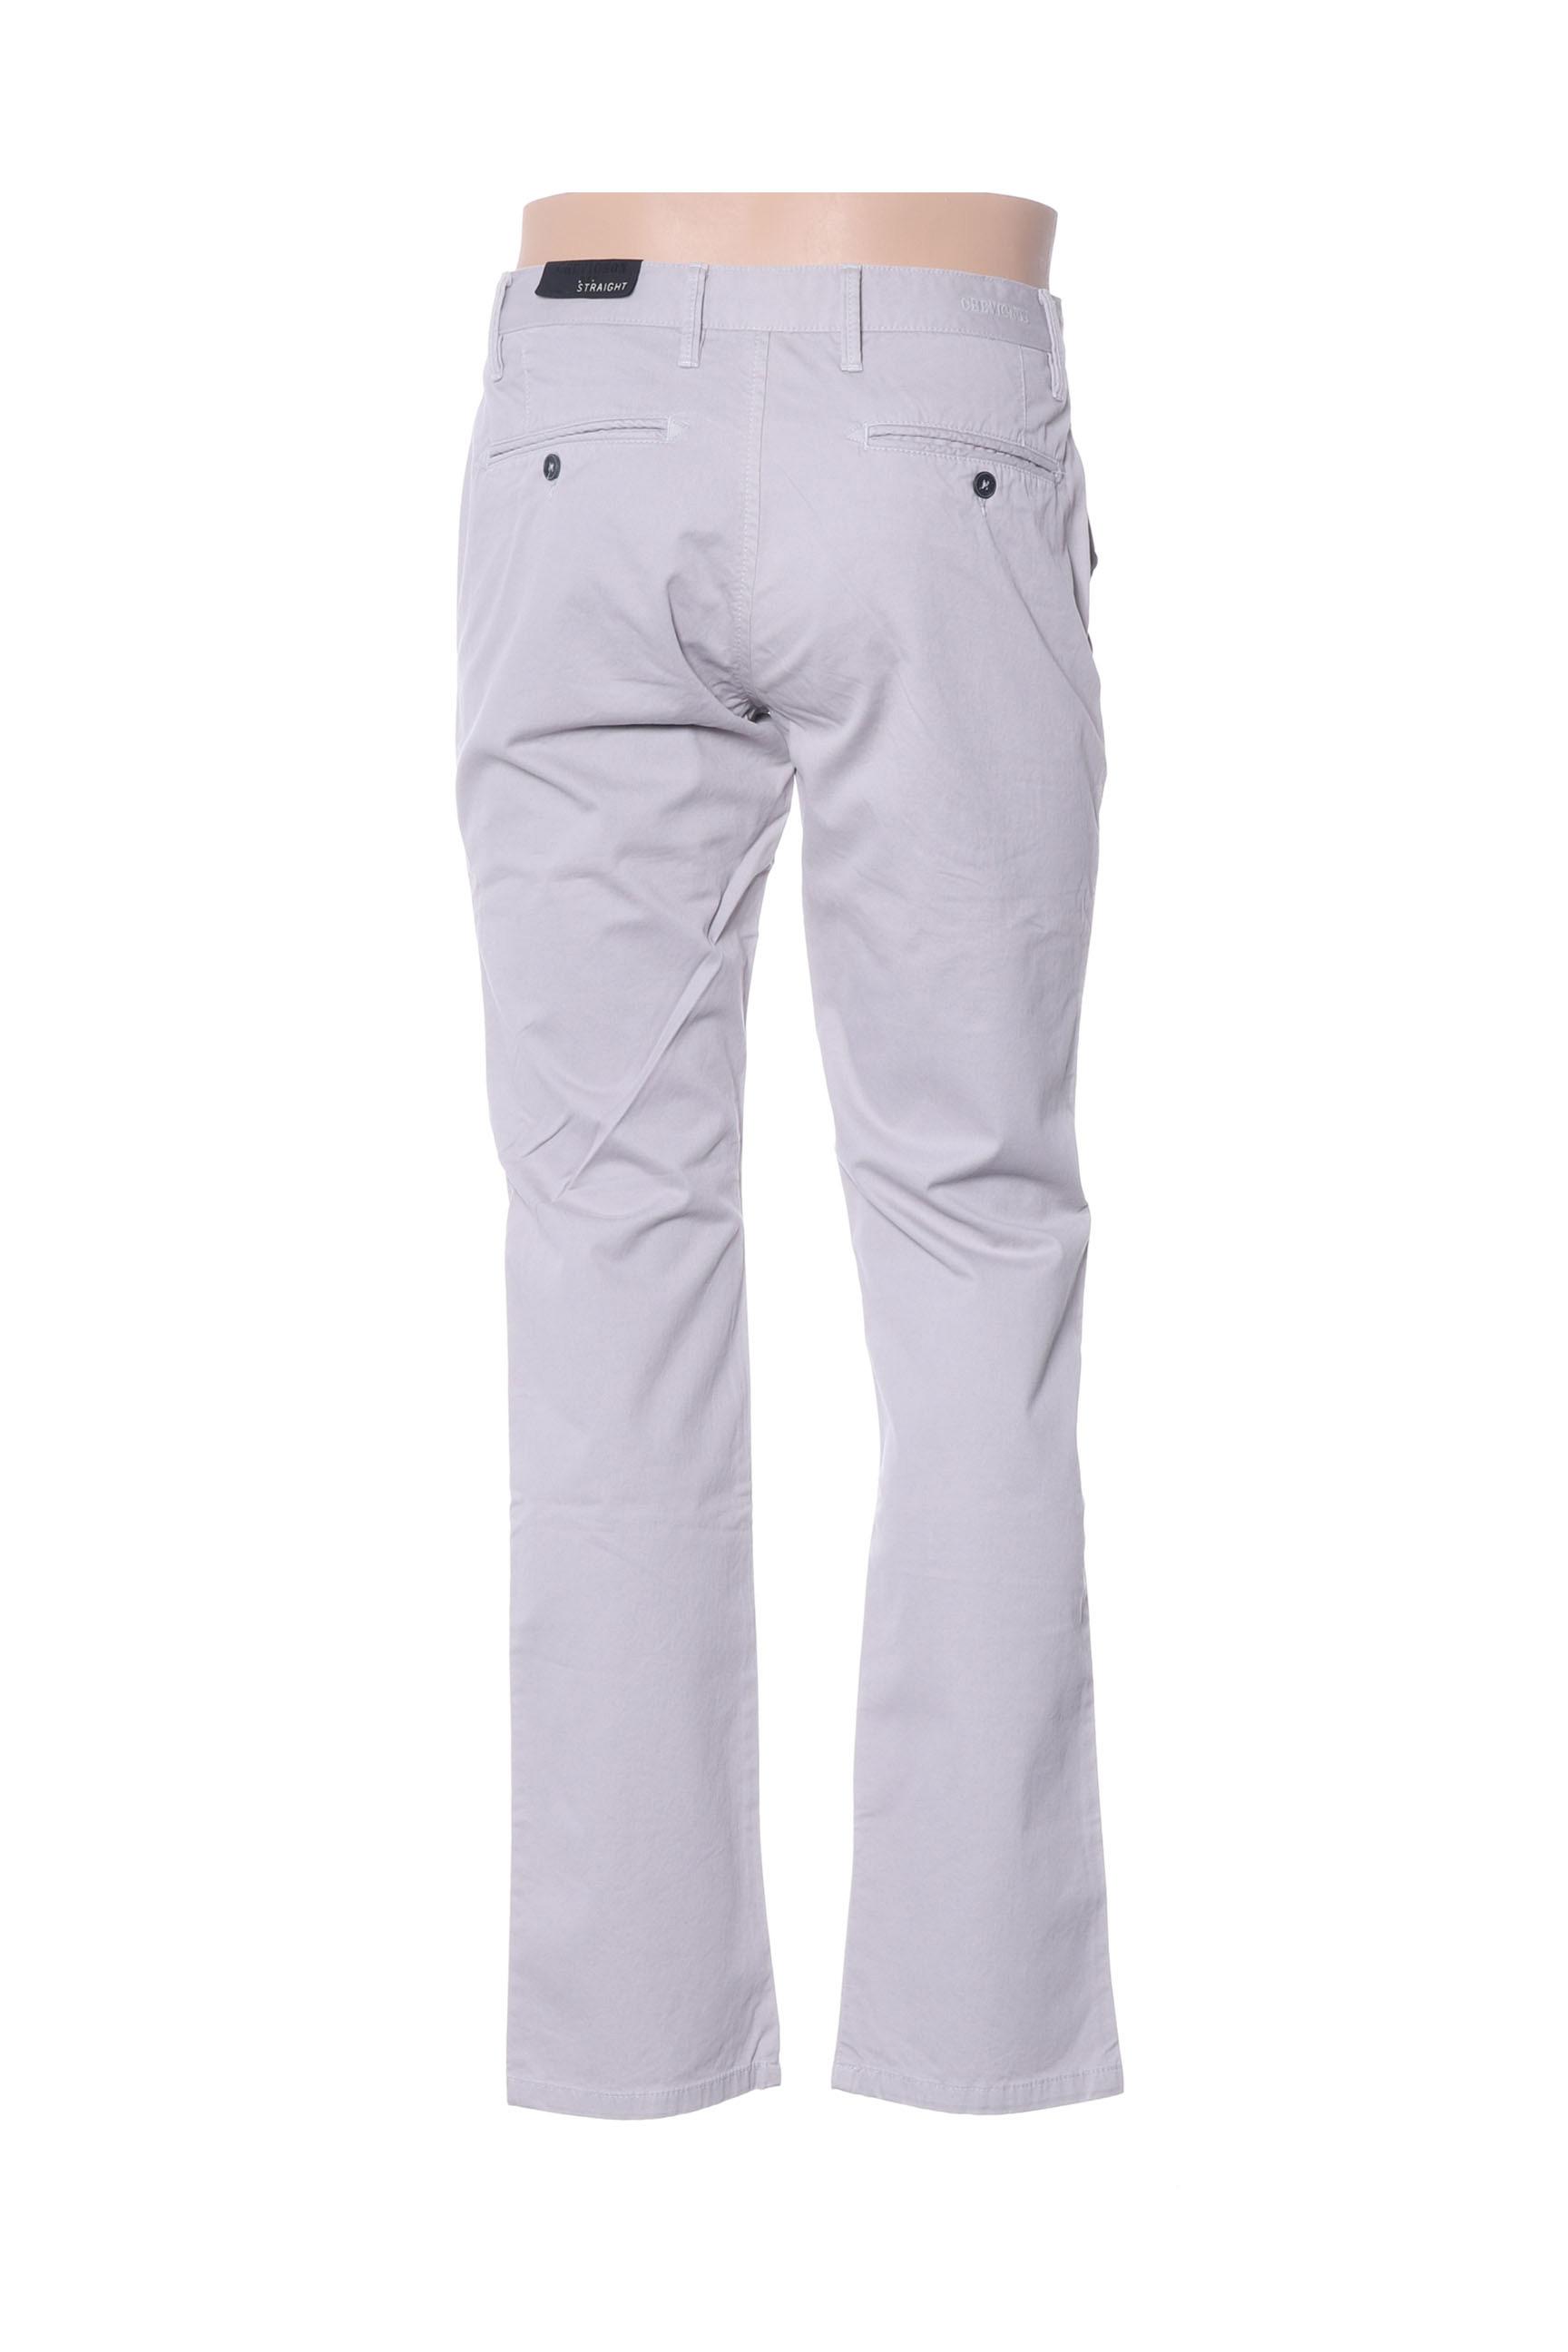 Chevignon Pantalons Decontractes Homme De Couleur Gris En Soldes Pas Cher 1408959-gris00